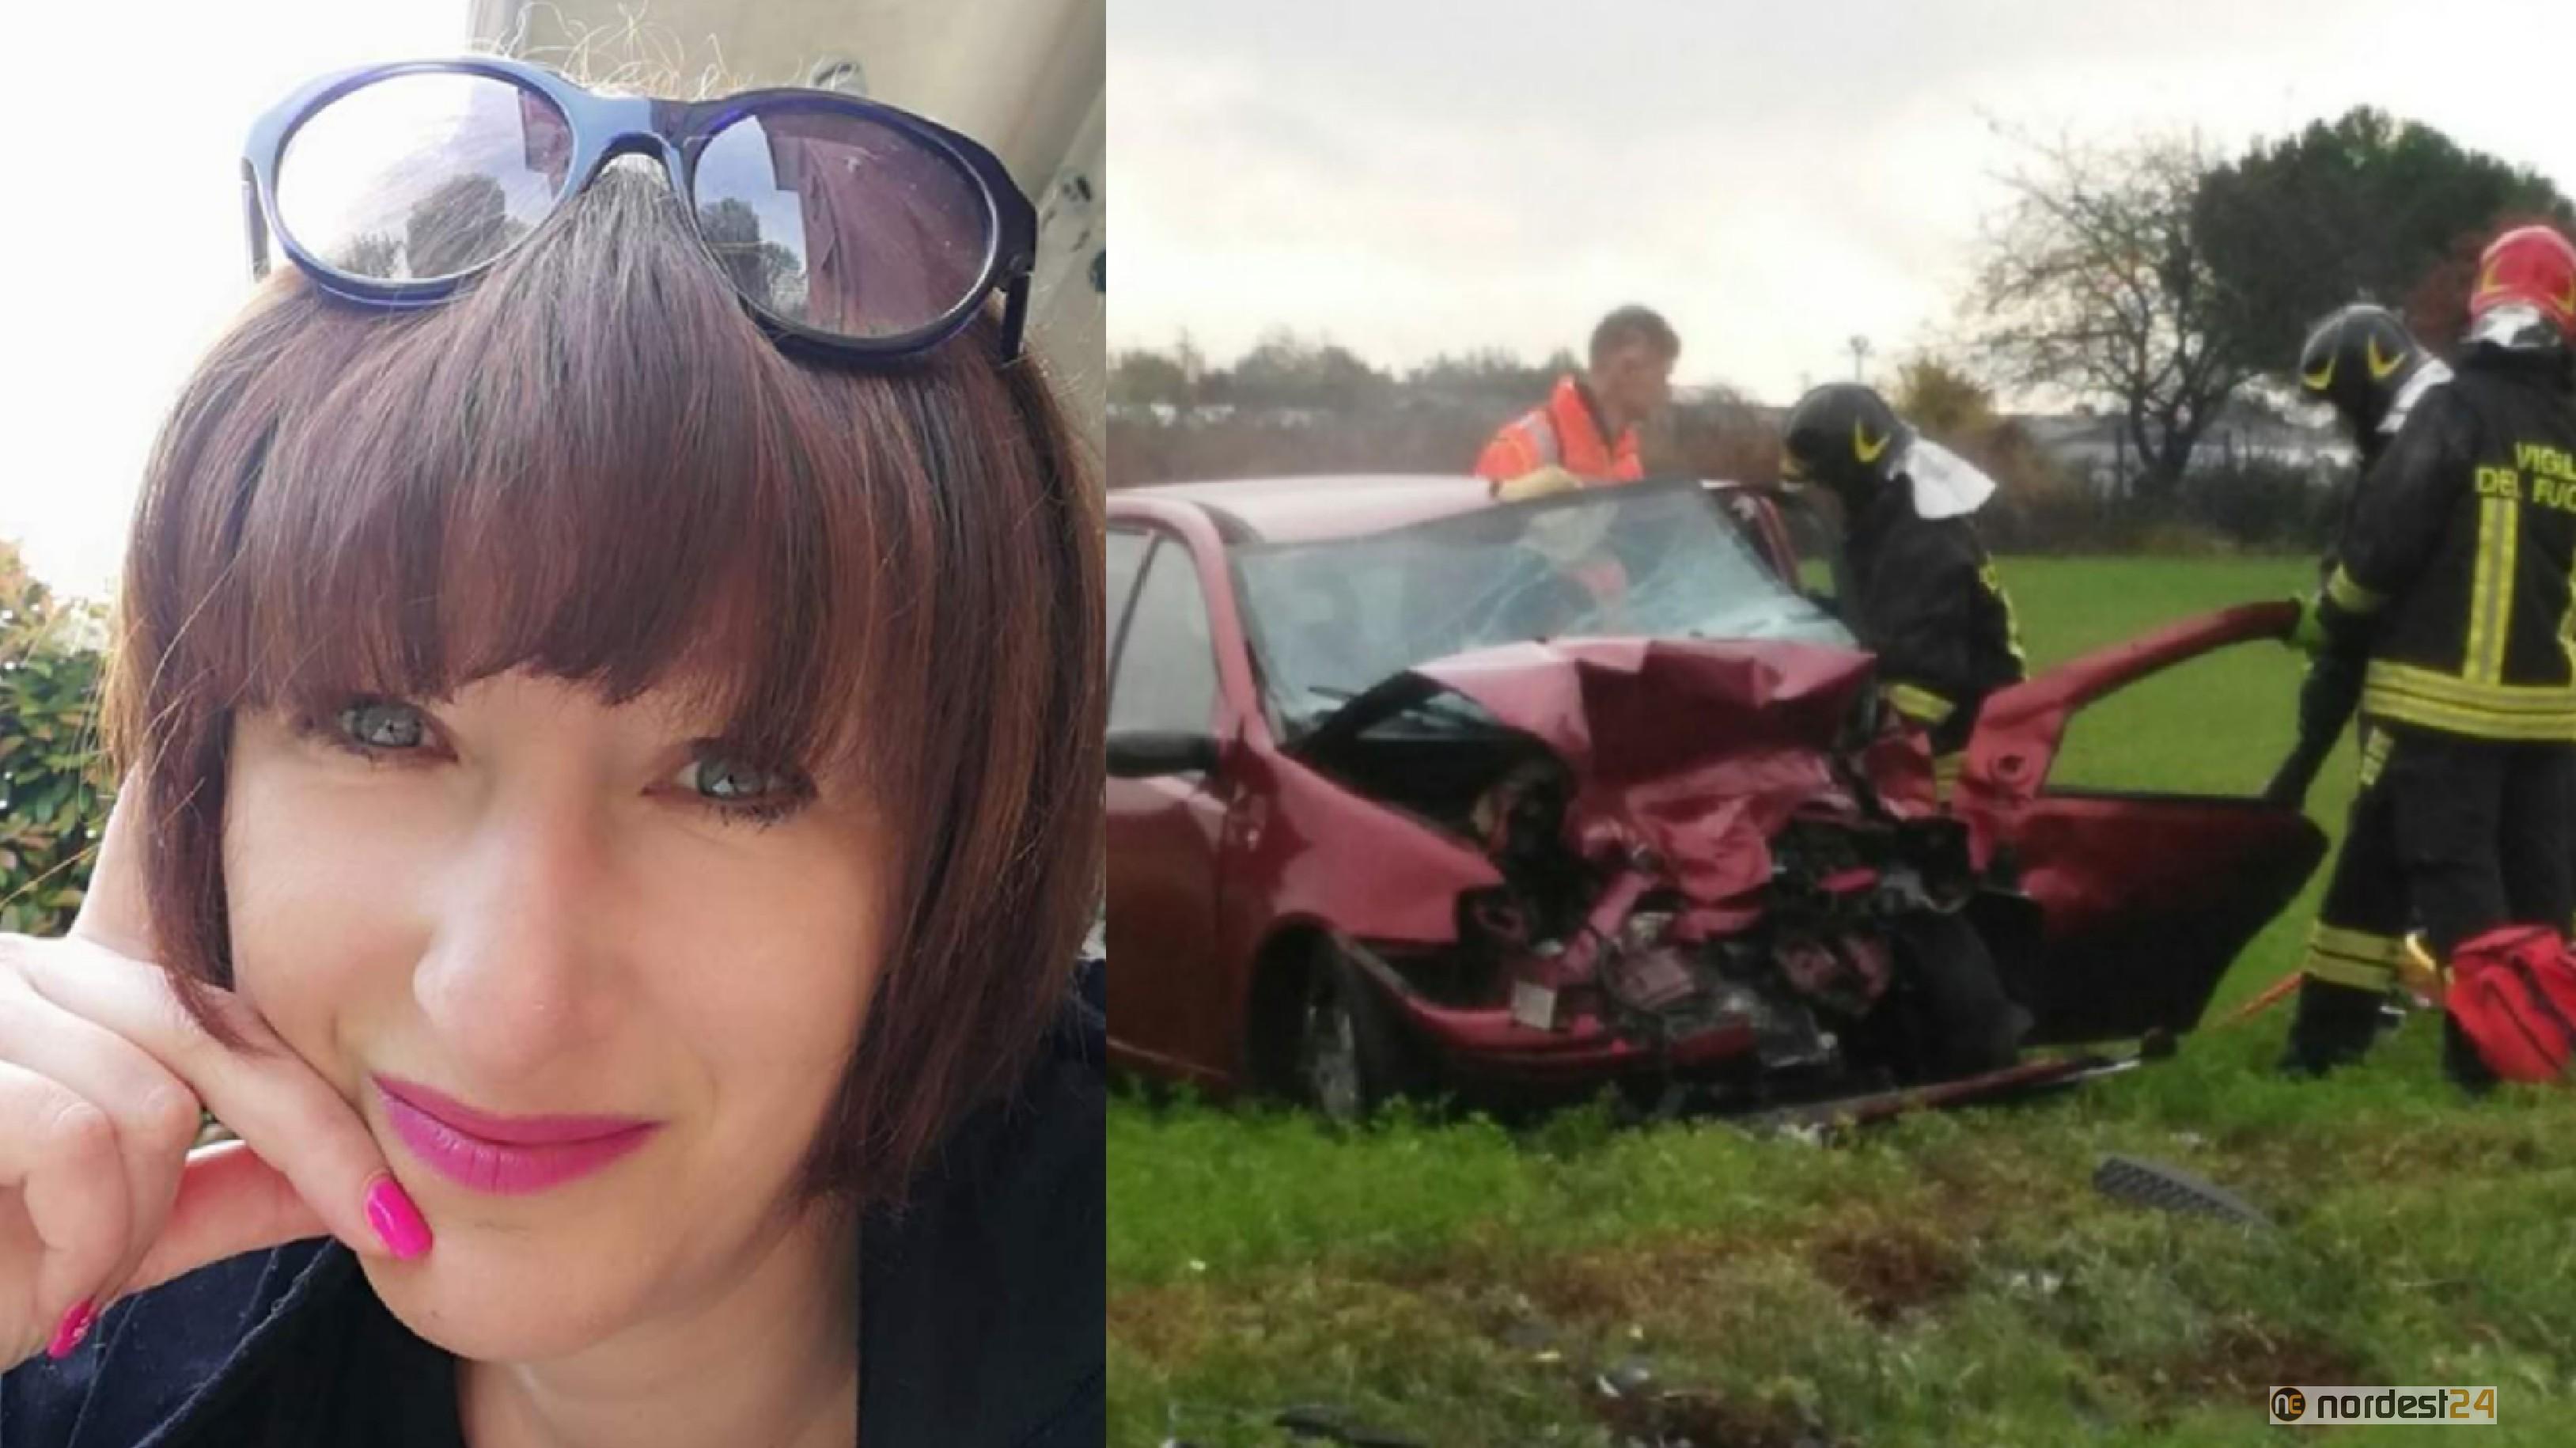 È morta Francesca Carrer in seguito all'incidente a Cordenons - Nordest24.it